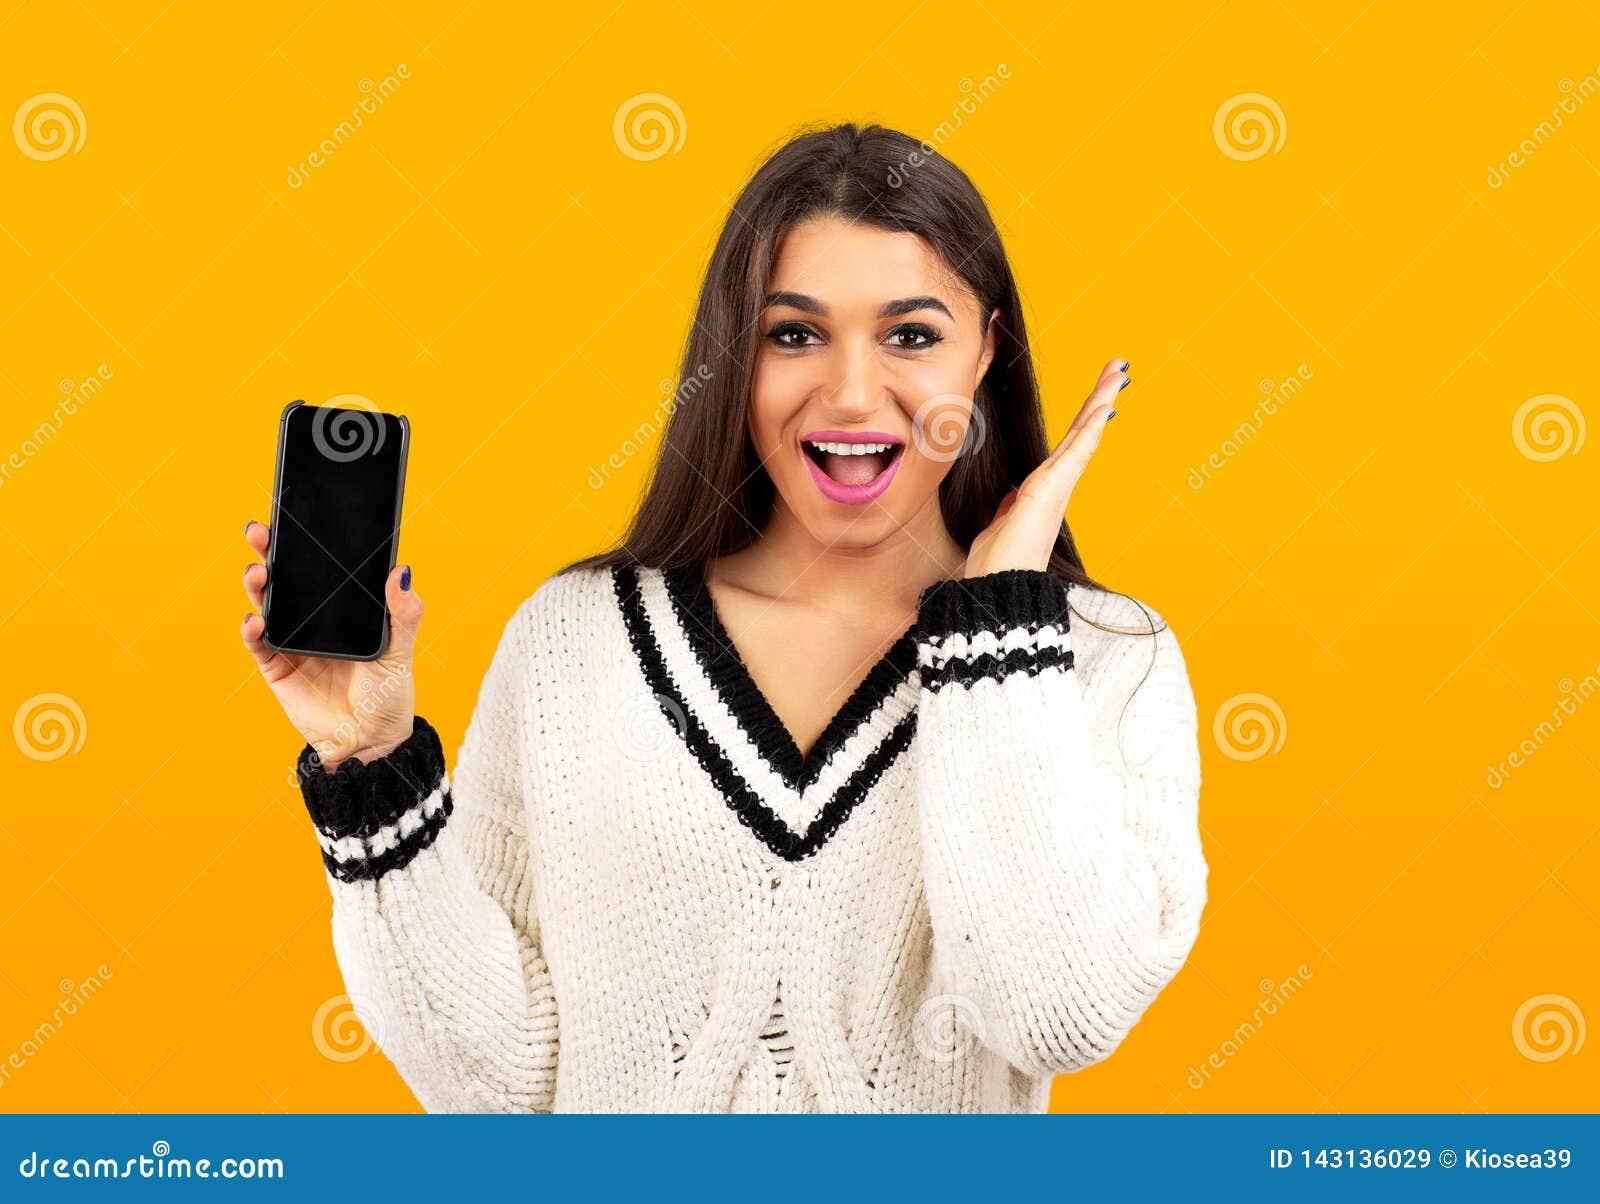 Verraste gelukkige vrouw in witte sweater die een nieuwe smartphone toont